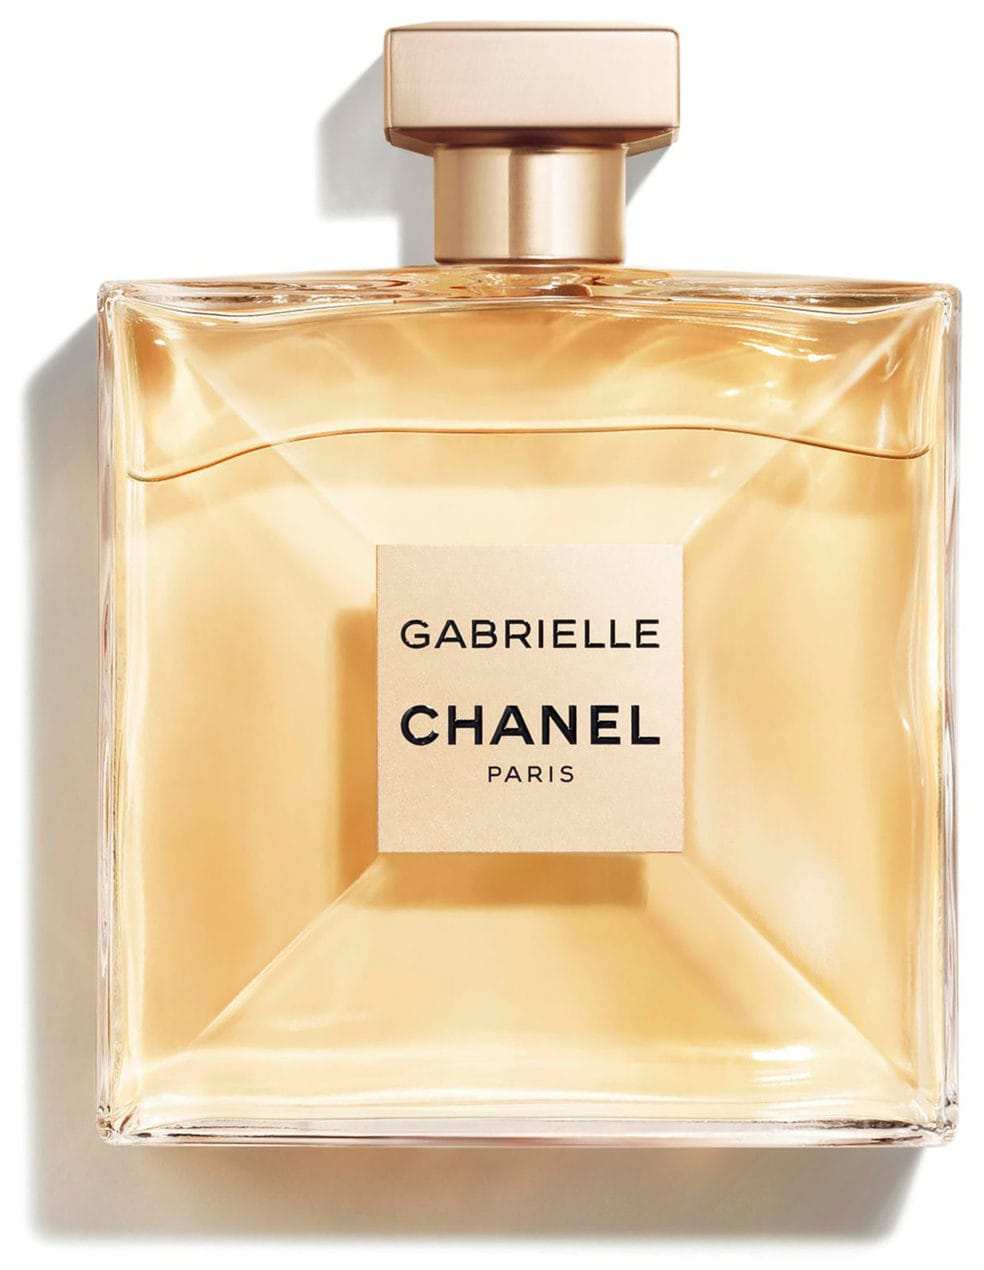 Chanel Gabrielle Chanel Essence